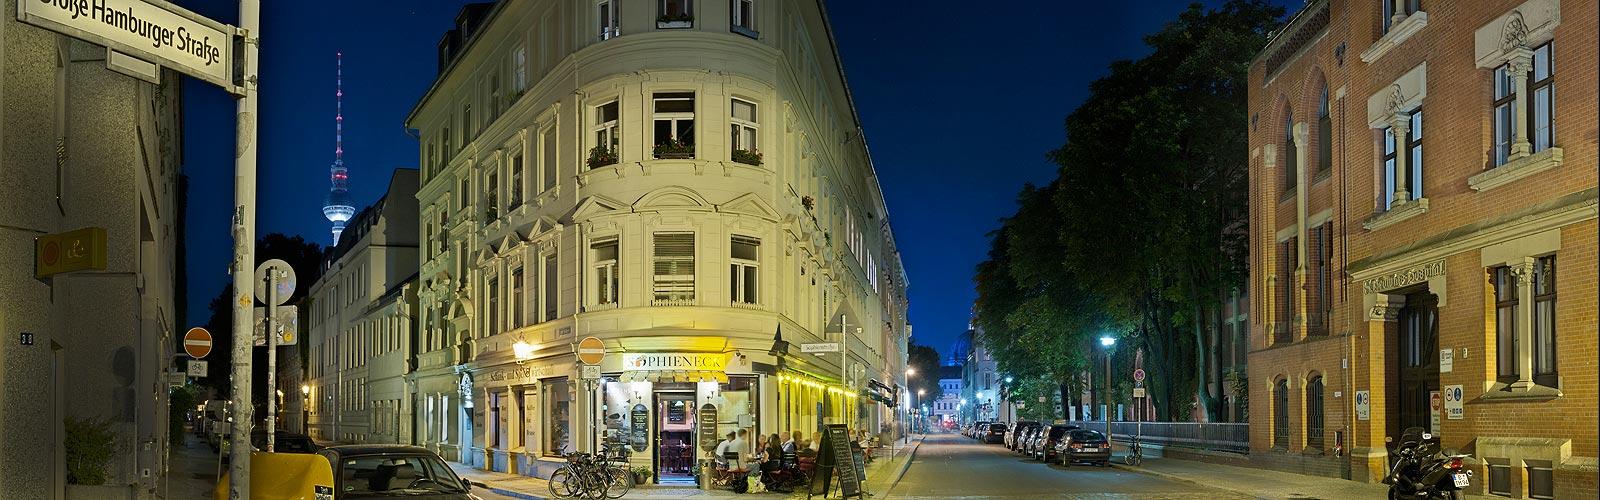 Restaurant Sophiieneck, Spandauer Vorstadt Berlin